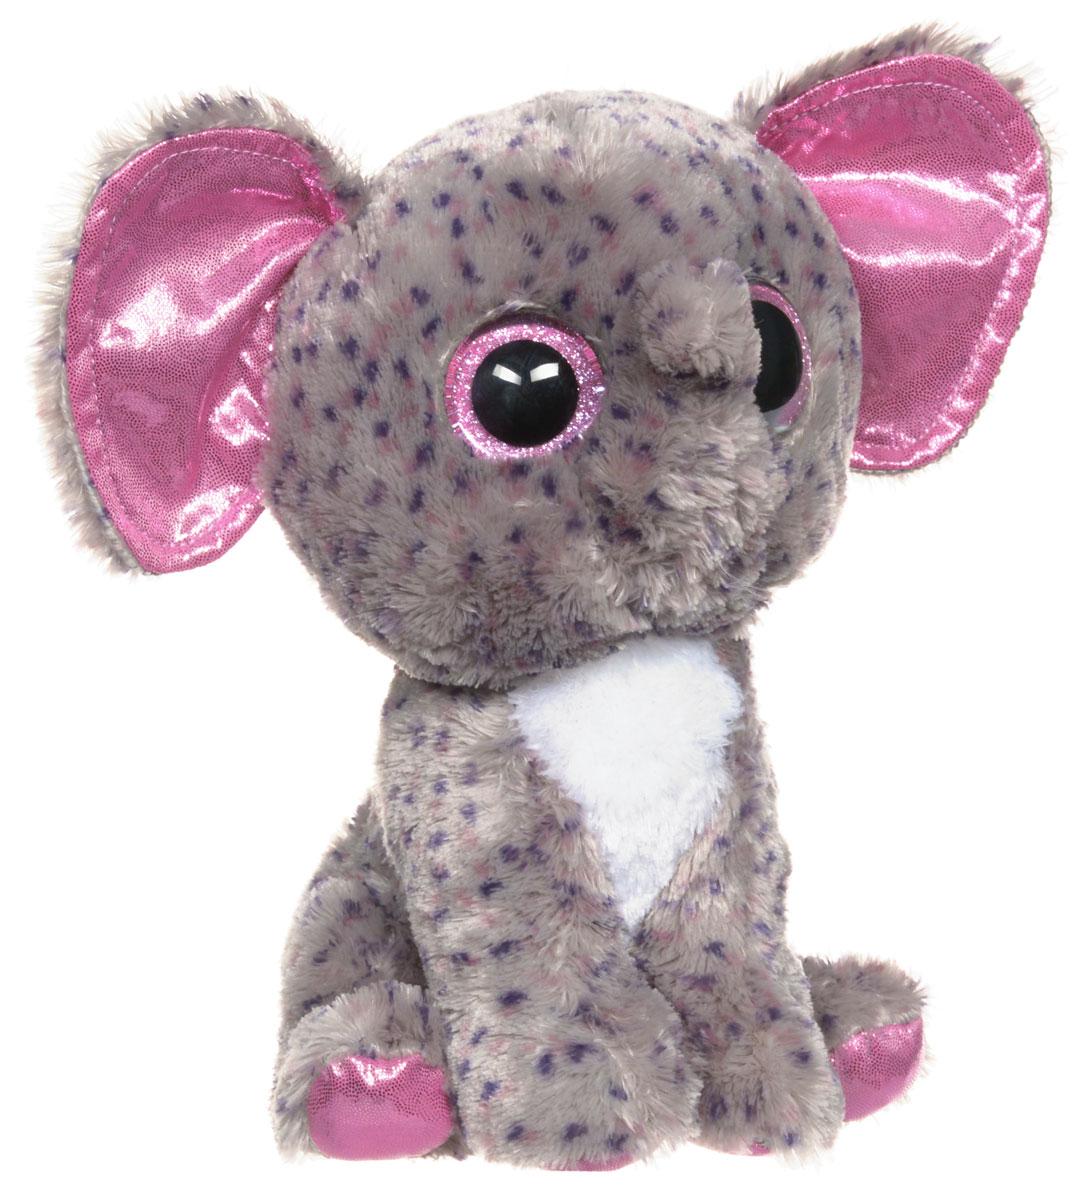 TY Мягкая игрушка Слон Specks 25 см37039Мягкая игрушка TY Слон Specks обязательно вызовет положительные эмоции и улыбку у каждого. Игрушка изготовлена из безопасных, приятных на ощупь материалов в виде милого слоненка. У игрушки блестящие фиолетовые лапки, ушки, большие глазки и мягкая пятнистая шубка. Гранулы из пластика, используемые при набивке игрушки, способствуют развитию мелкой моторики рук ребенка. Симпатичная игрушка будет радовать вашего ребенка, а также способствовать полноценному и гармоничному развитию его личности. Великолепное качество исполнения делают эту игрушку чудесным подарком к любому празднику, как для ребенка, так и для взрослого!